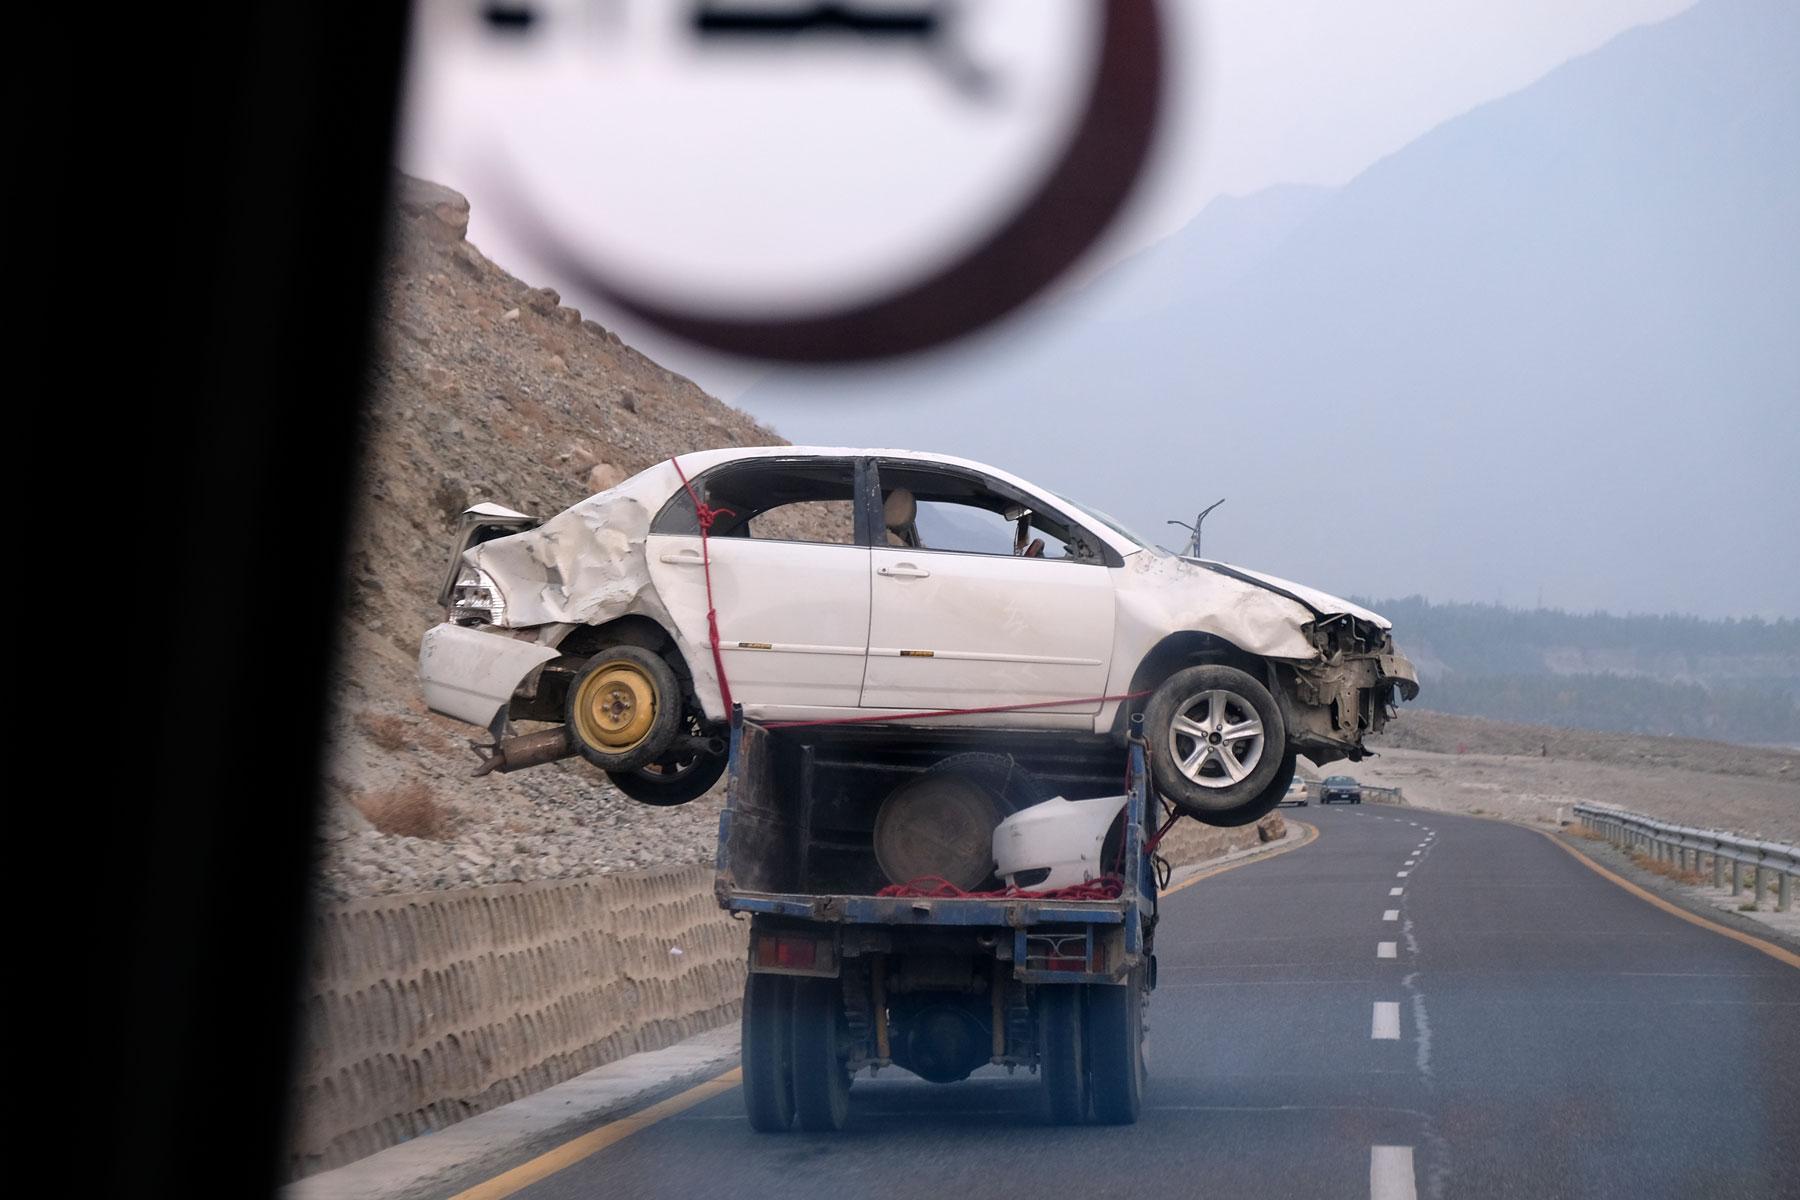 Ein kaputtes Auto wird auf der Ladefläche eines Lastwagens abgeschleppt.